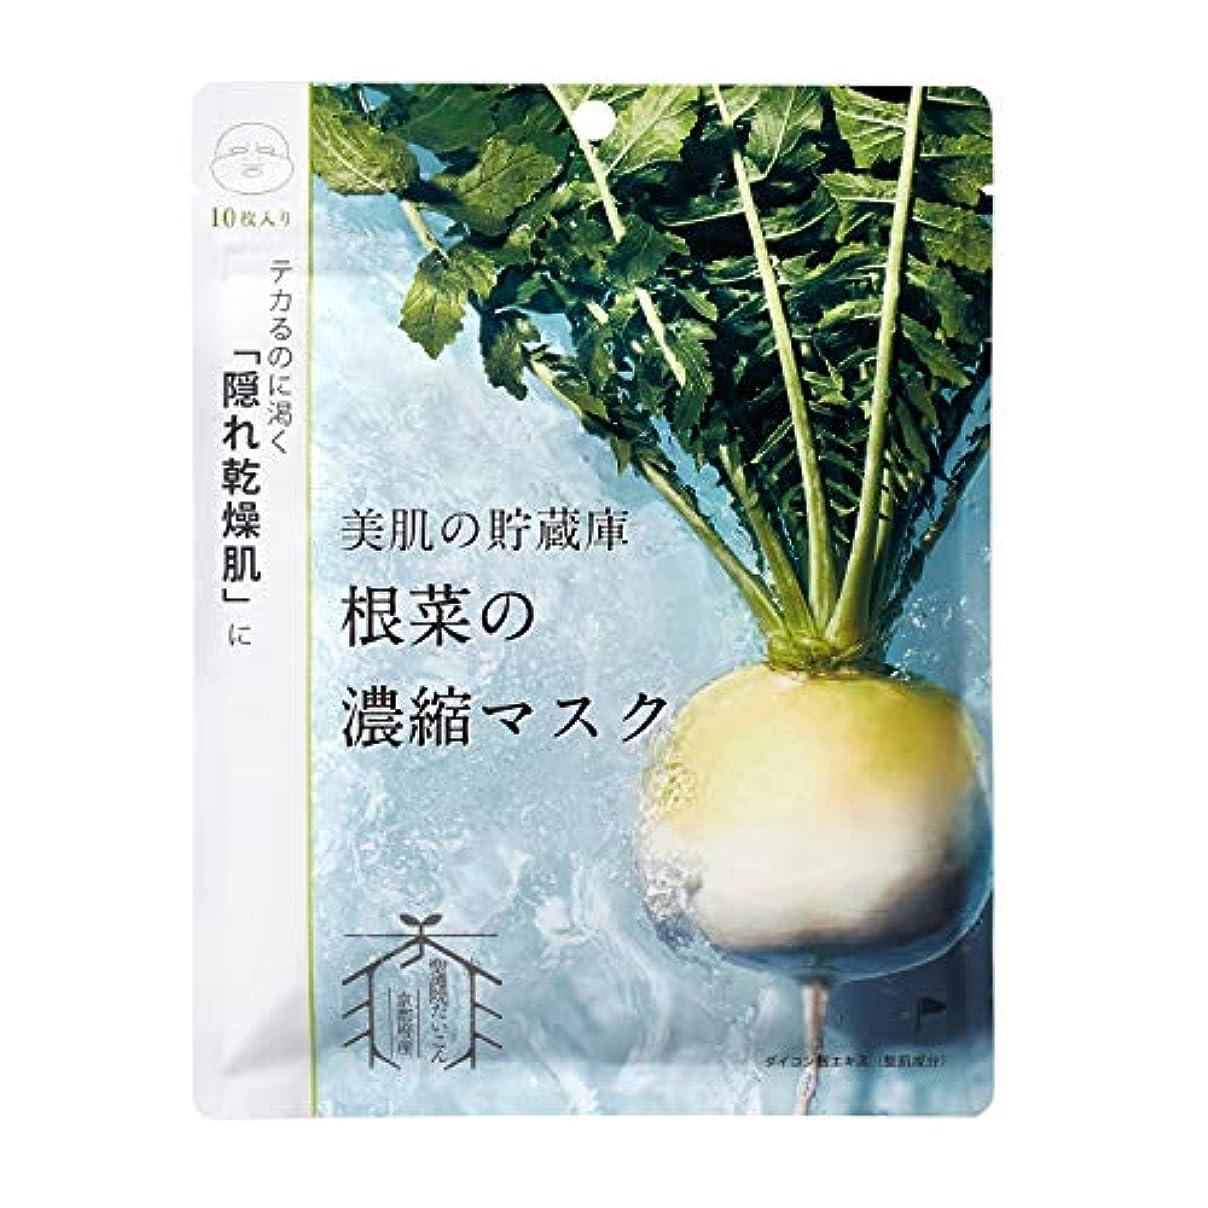 貧しいの量願う@cosme nippon 美肌の貯蔵庫 根菜の濃縮マスク 聖護院だいこん 10枚入 148ml